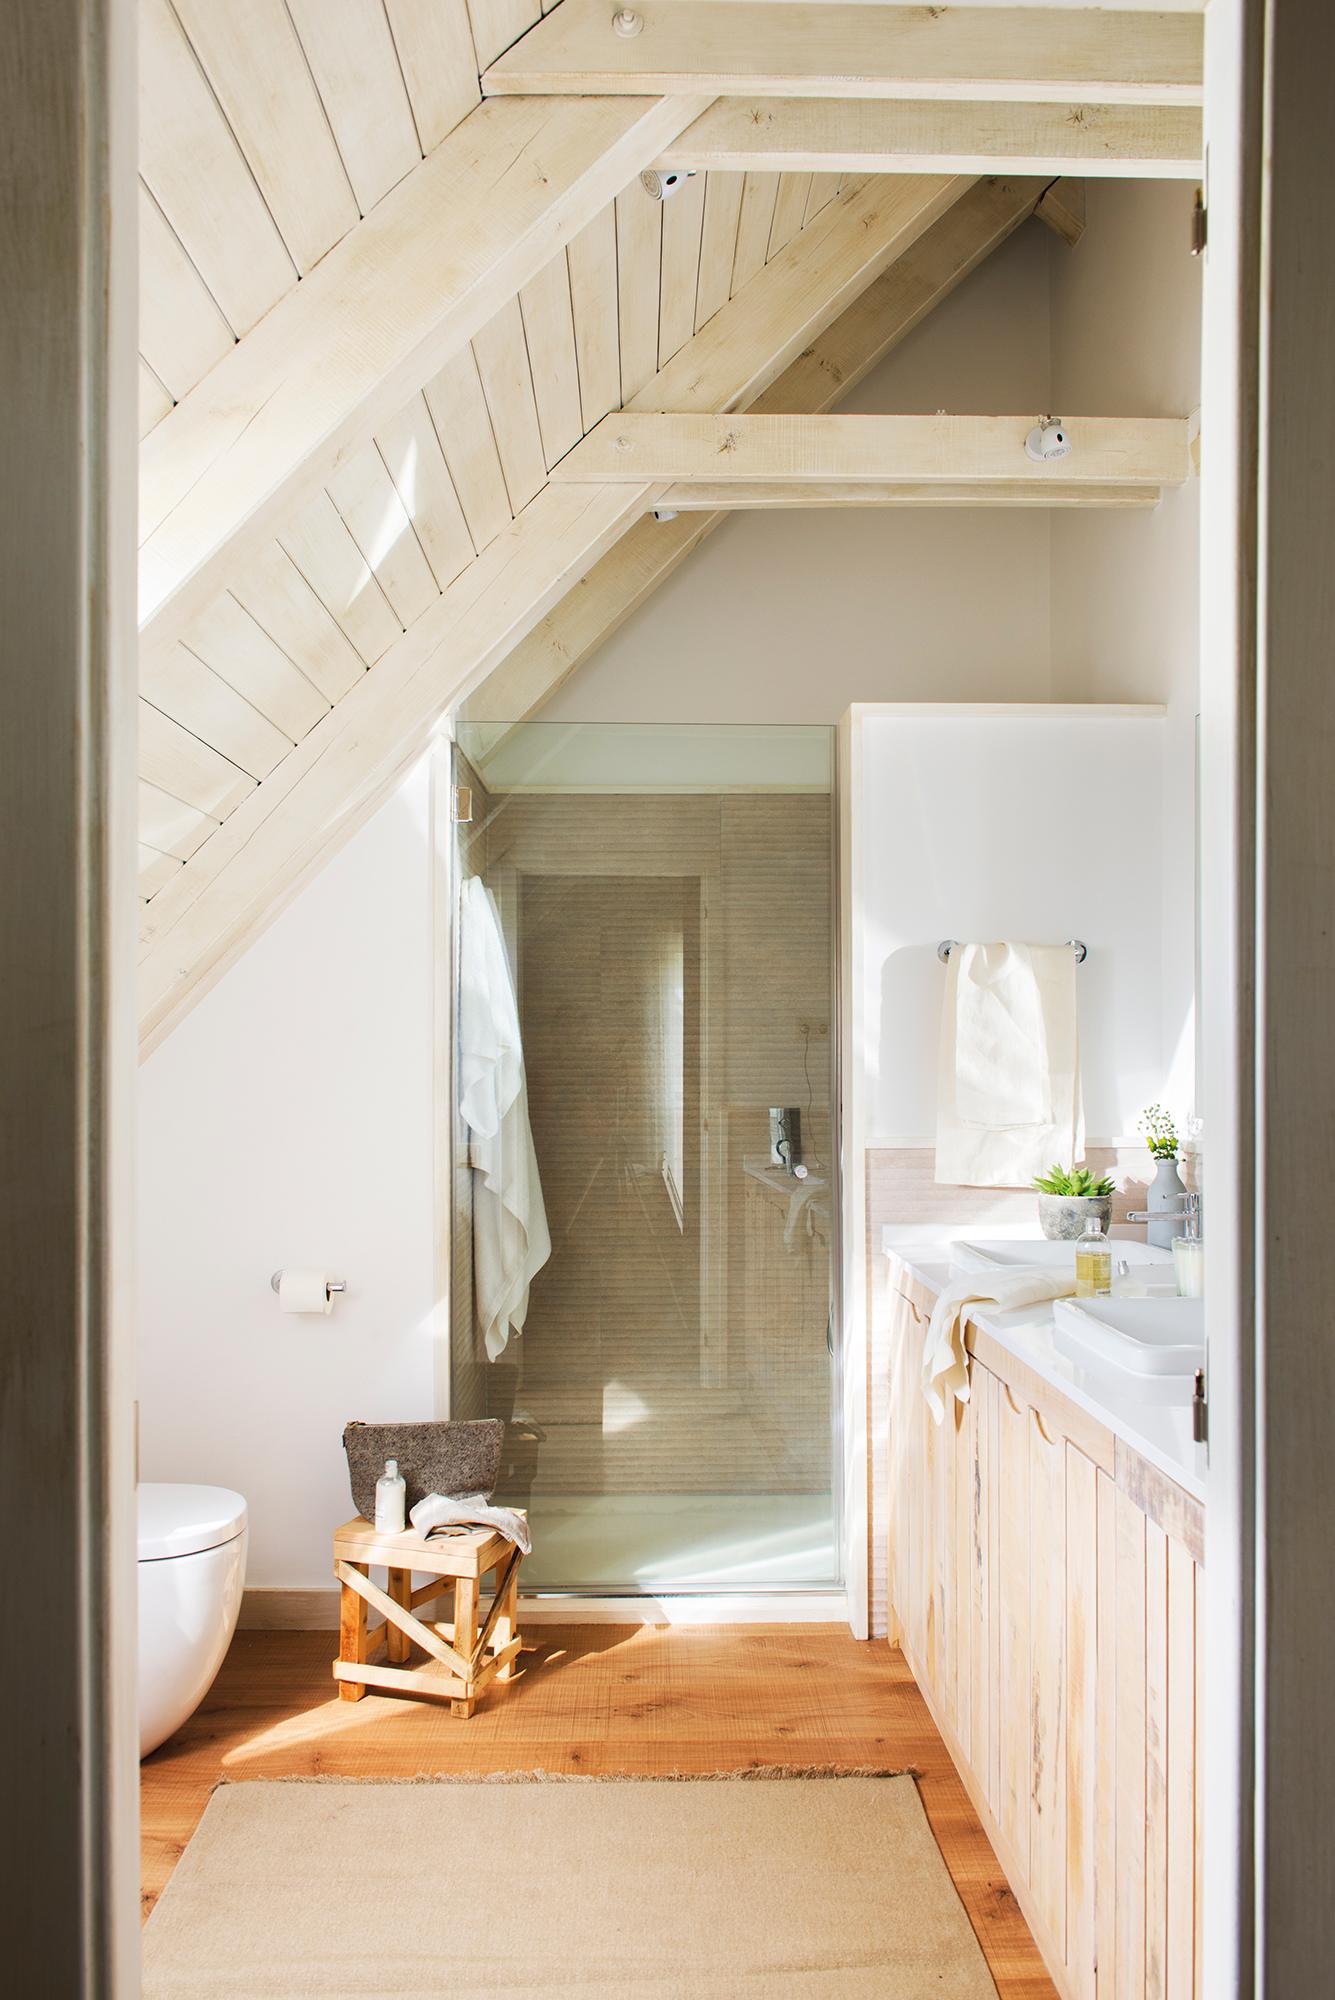 Sanitarios claves para elegir el lavamanos y el inodoro for Mueble para ducha